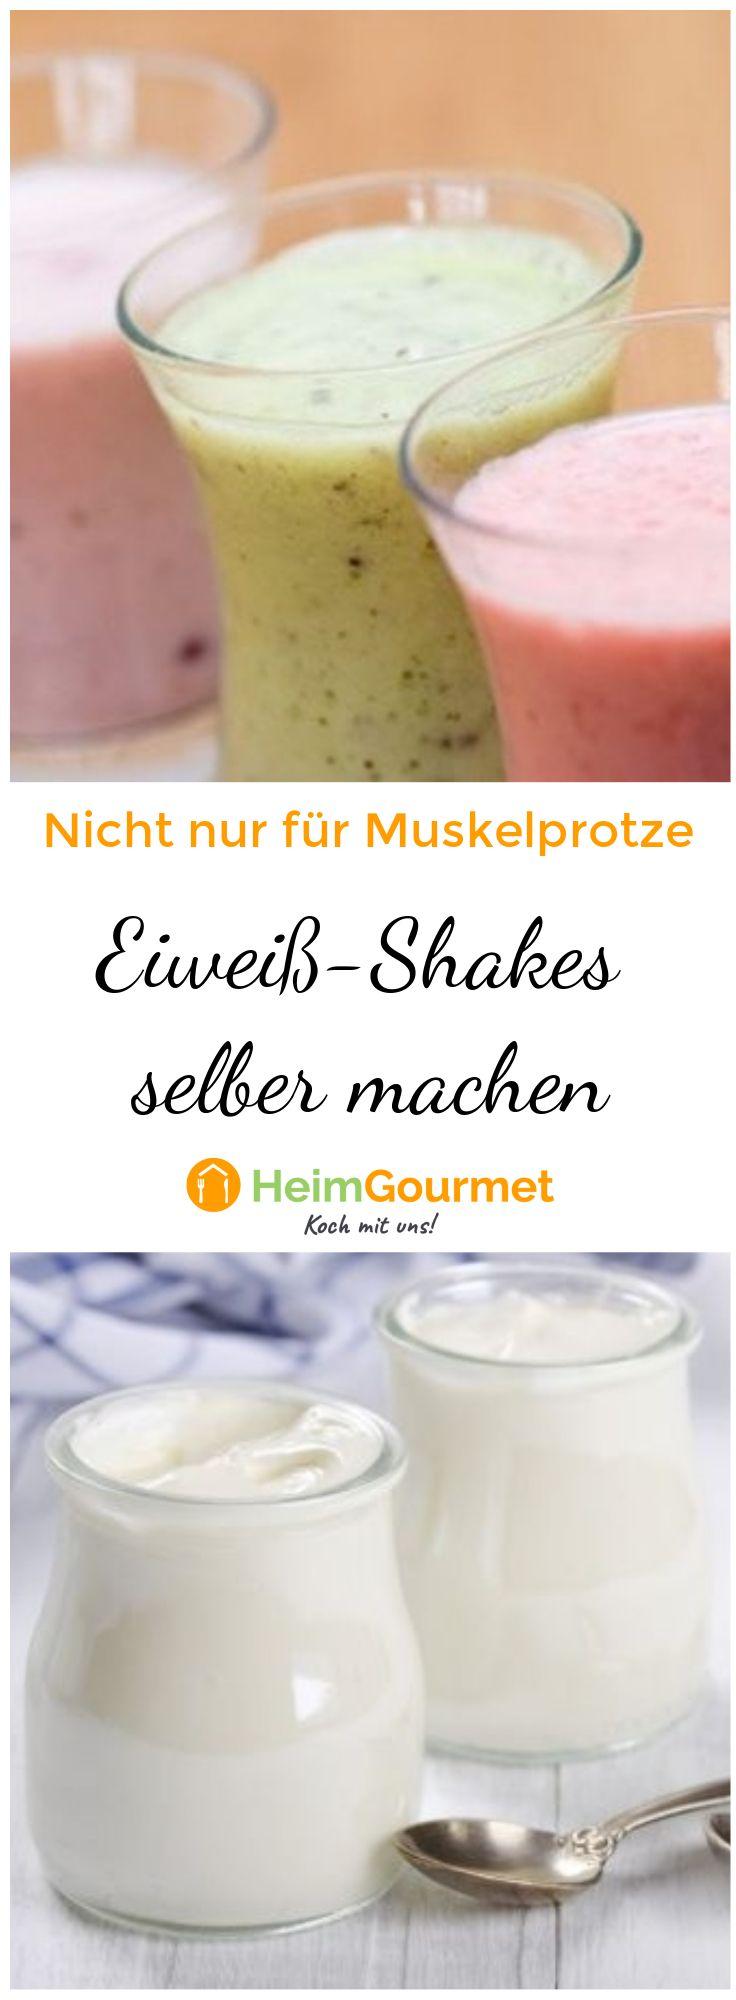 diy protein shakes wir erkl ren euch wie man einen eiwei shake ganz einfach selber machen kann. Black Bedroom Furniture Sets. Home Design Ideas